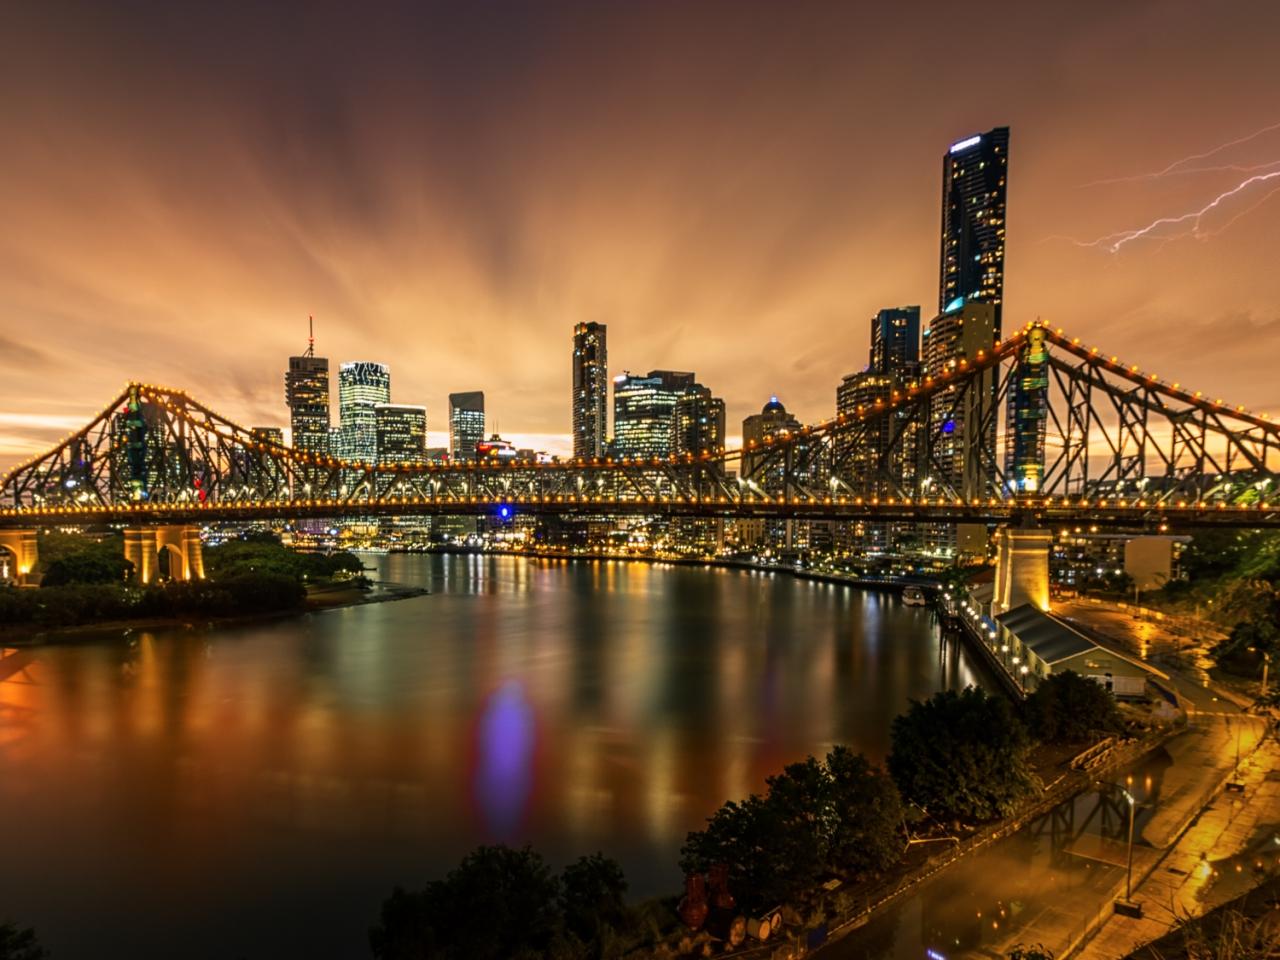 Fotografía de puentes y rayos - 1280x960